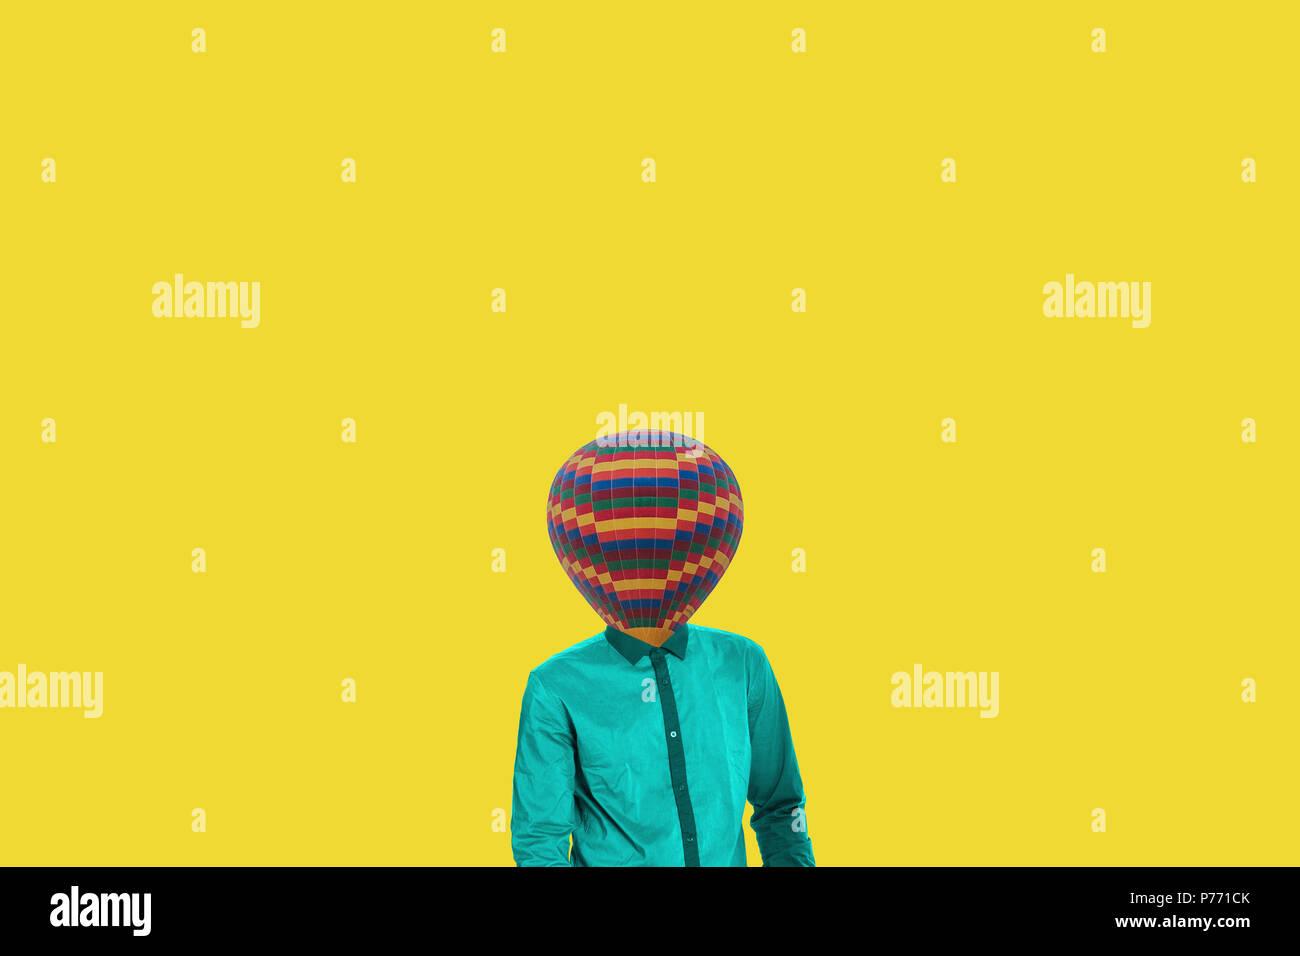 Surrealistische minimalen Begriff. Ein Ballon statt eines menschlichen Kopfes. Minimalismus und Surrealismus Stockbild